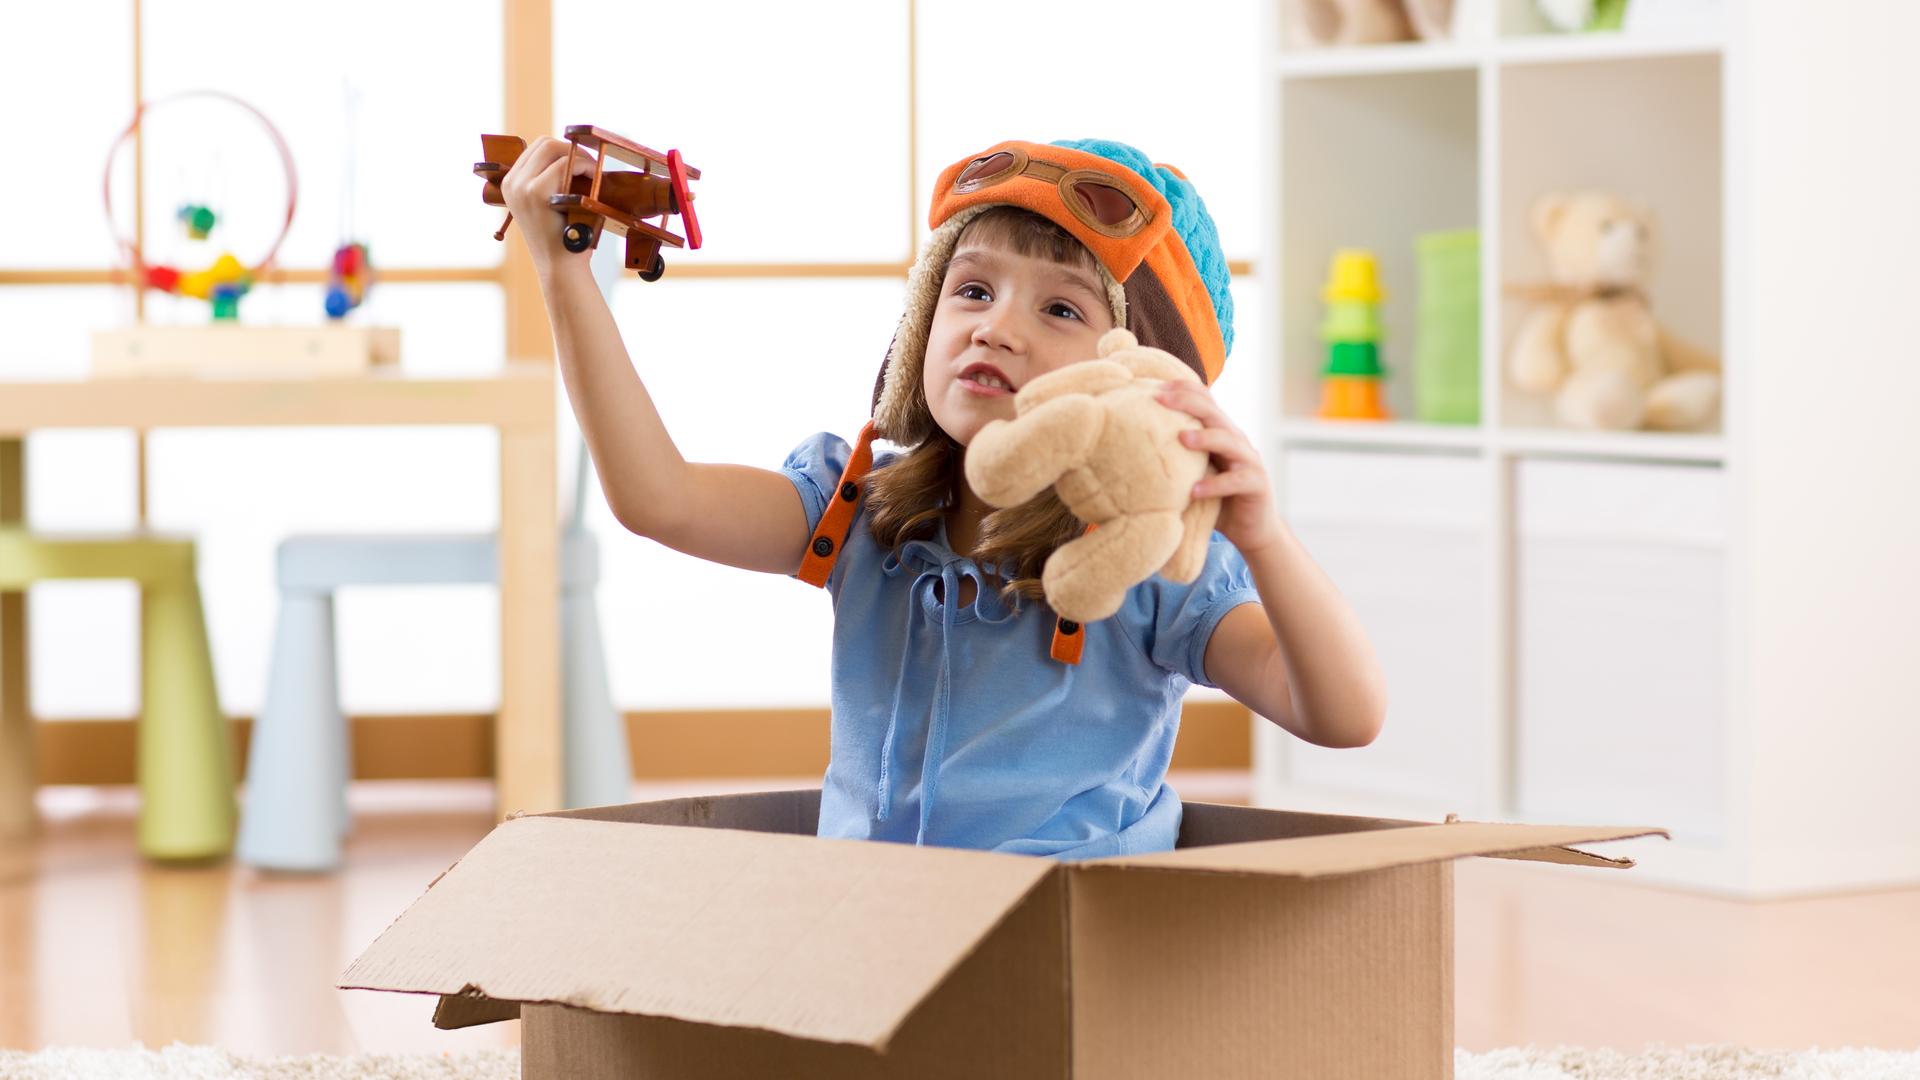 Brinquedotecas nos quartos de dormir aumentam o lado lúdico do cômodo.